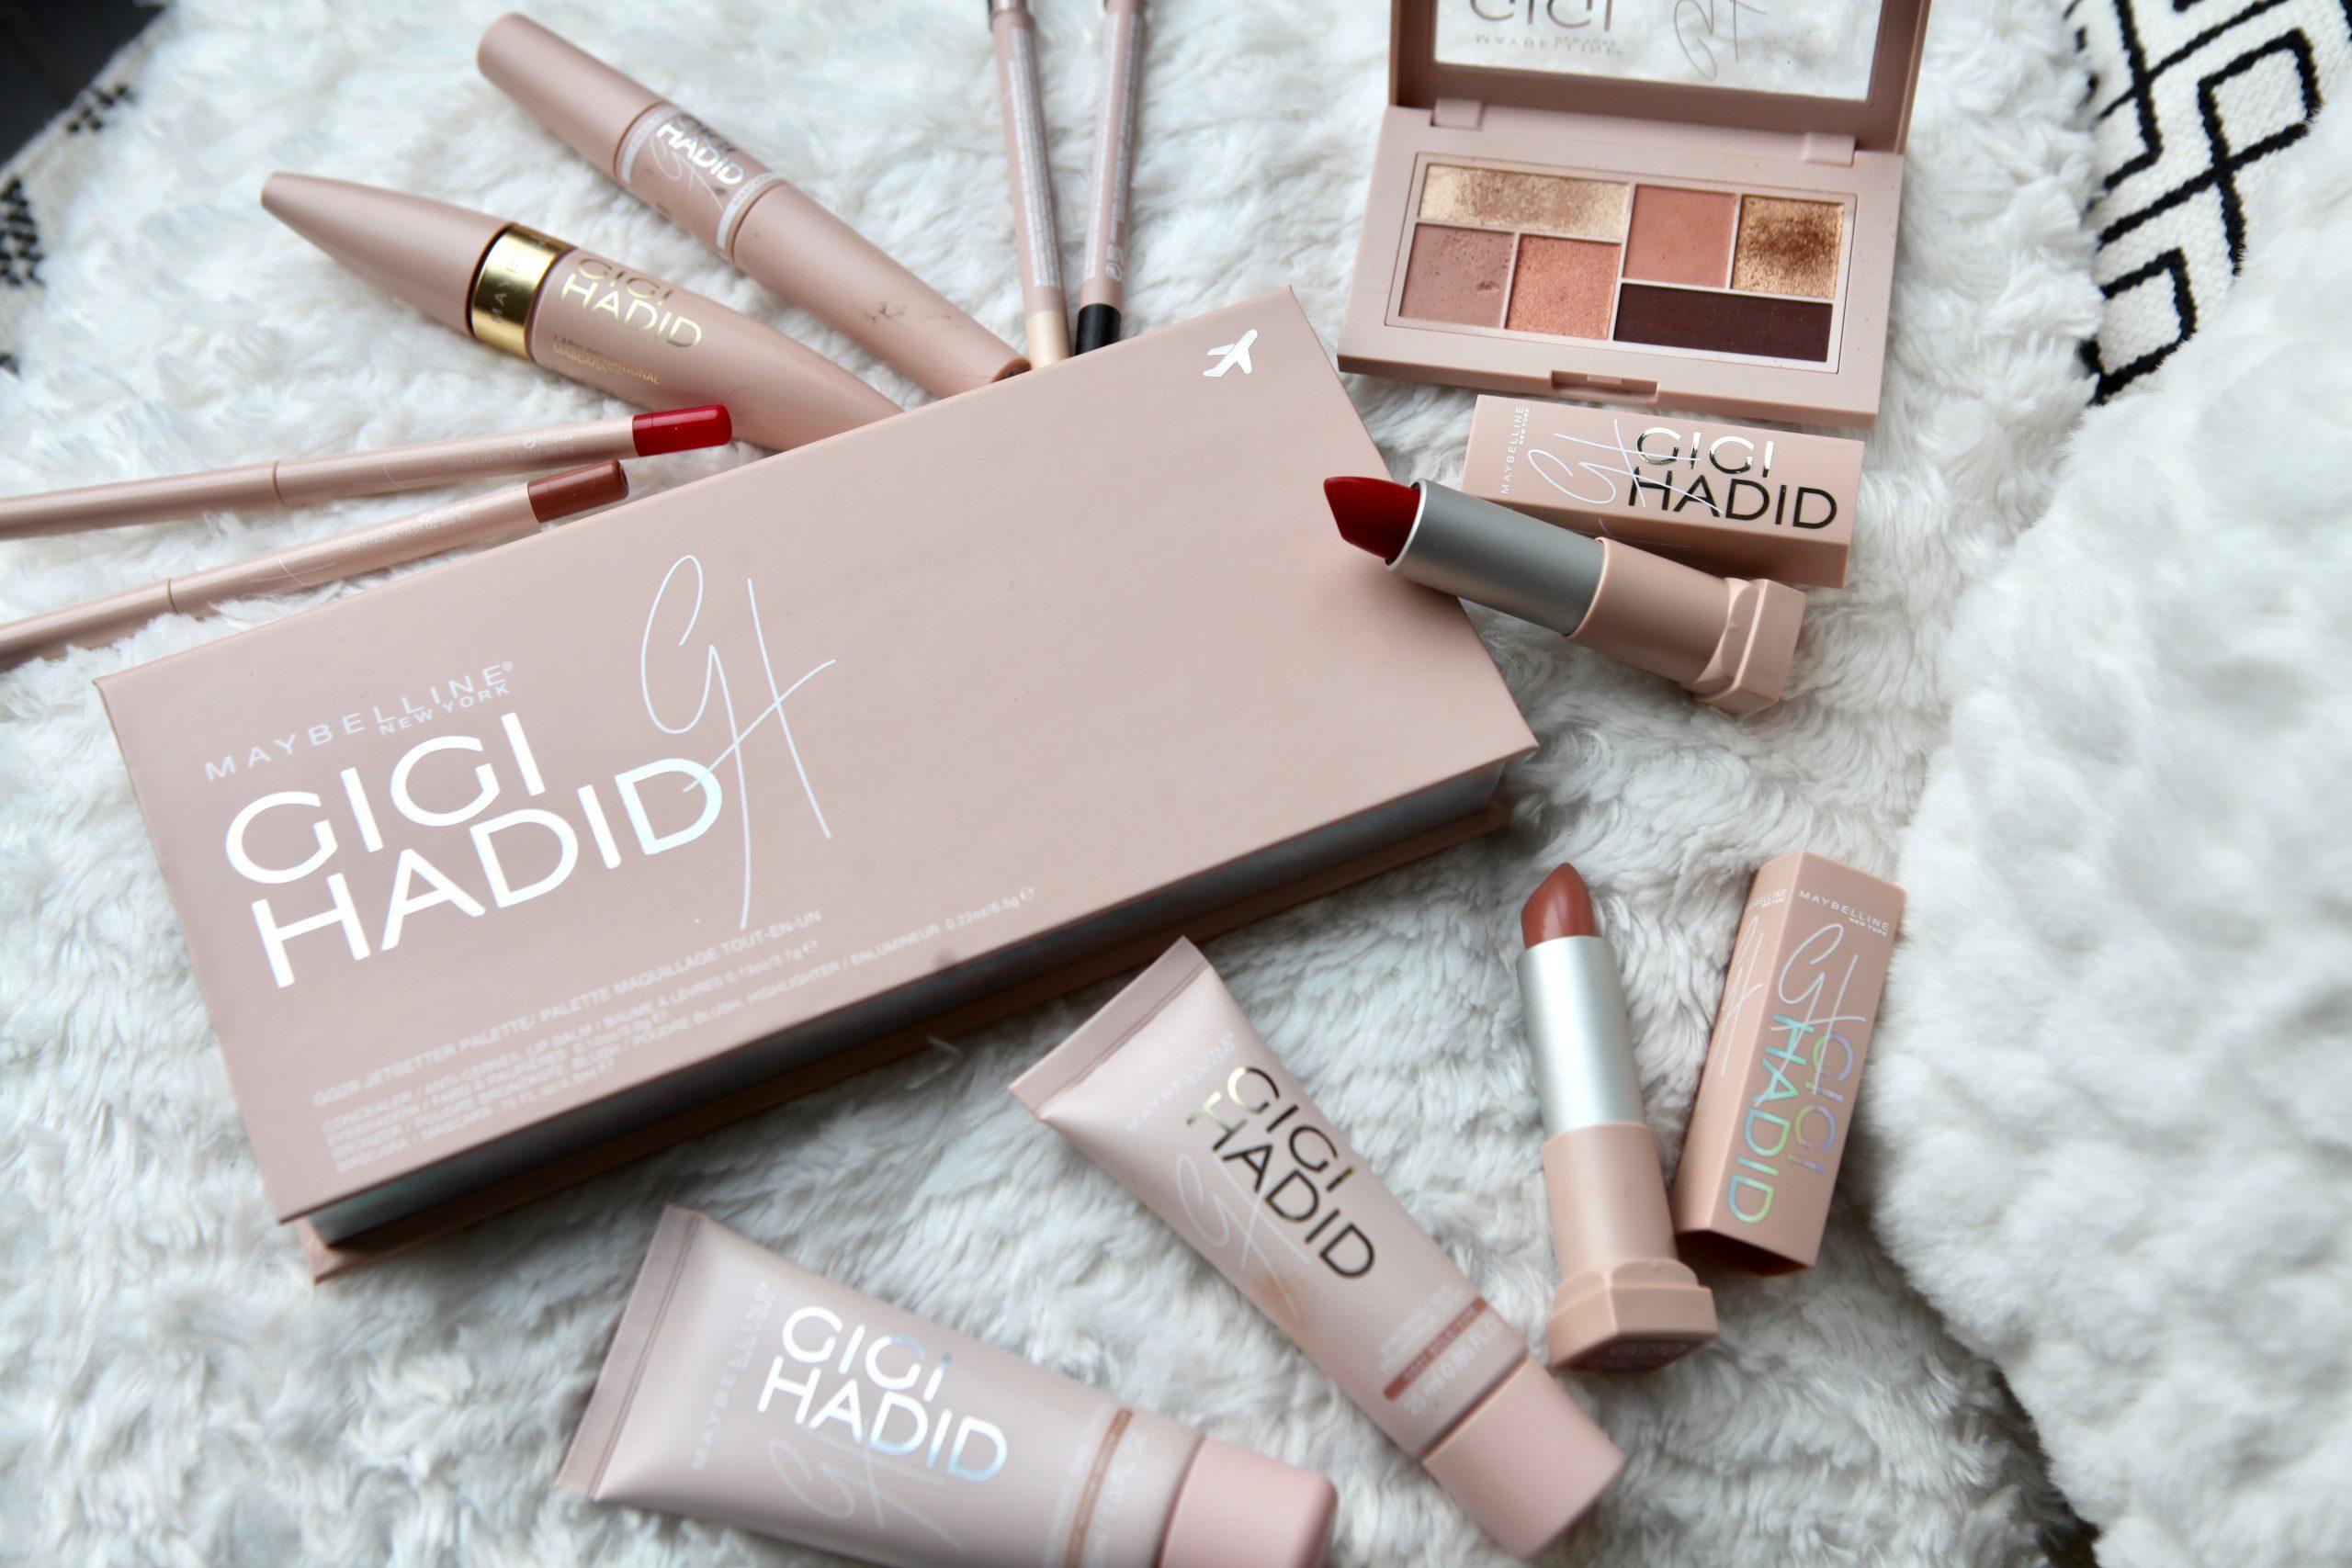 Gigi Hadid Collection Maybelline